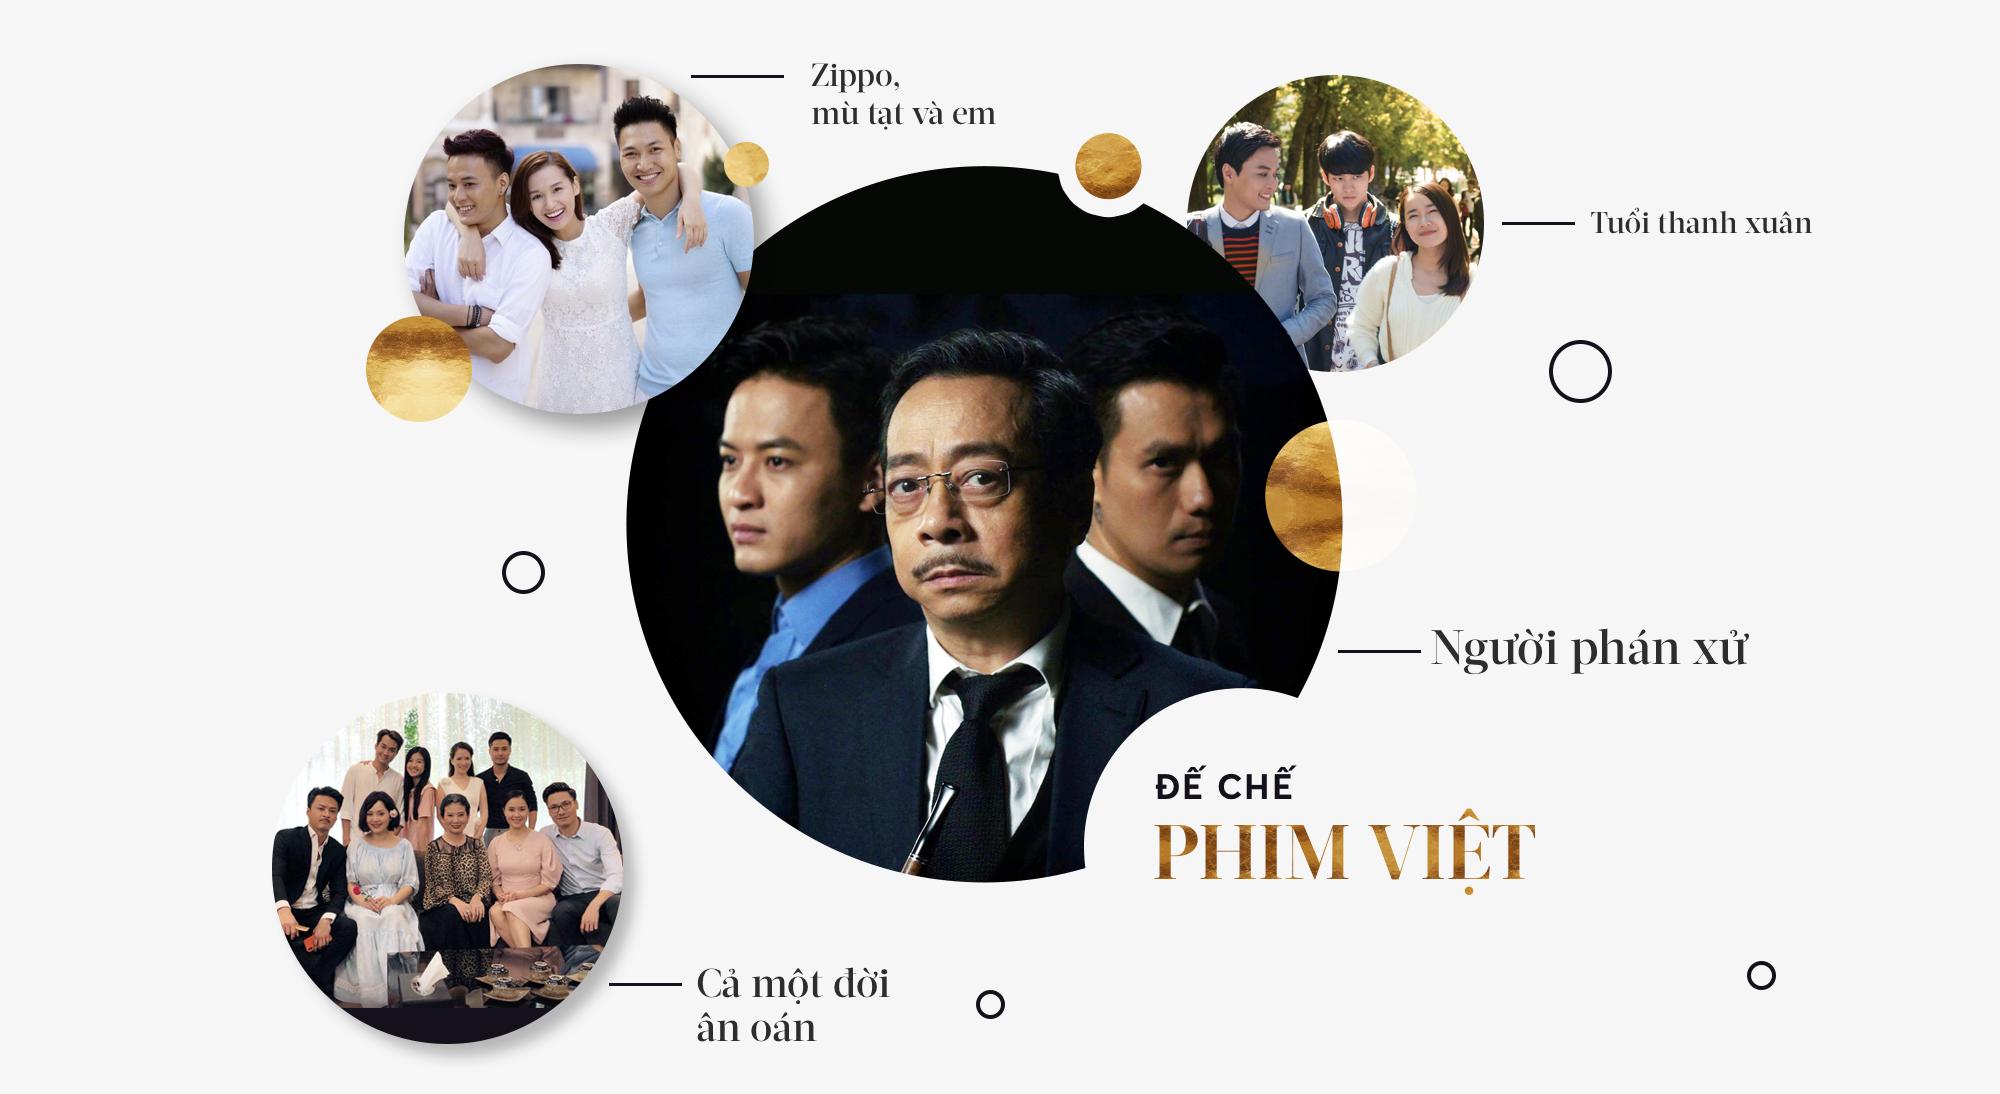 Thế hệ diễn viên mới của phim truyền hình Việt giờ Vàng: Không đụng hàng, không mờ nhạt, không trộn lẫn!  - Ảnh 5.